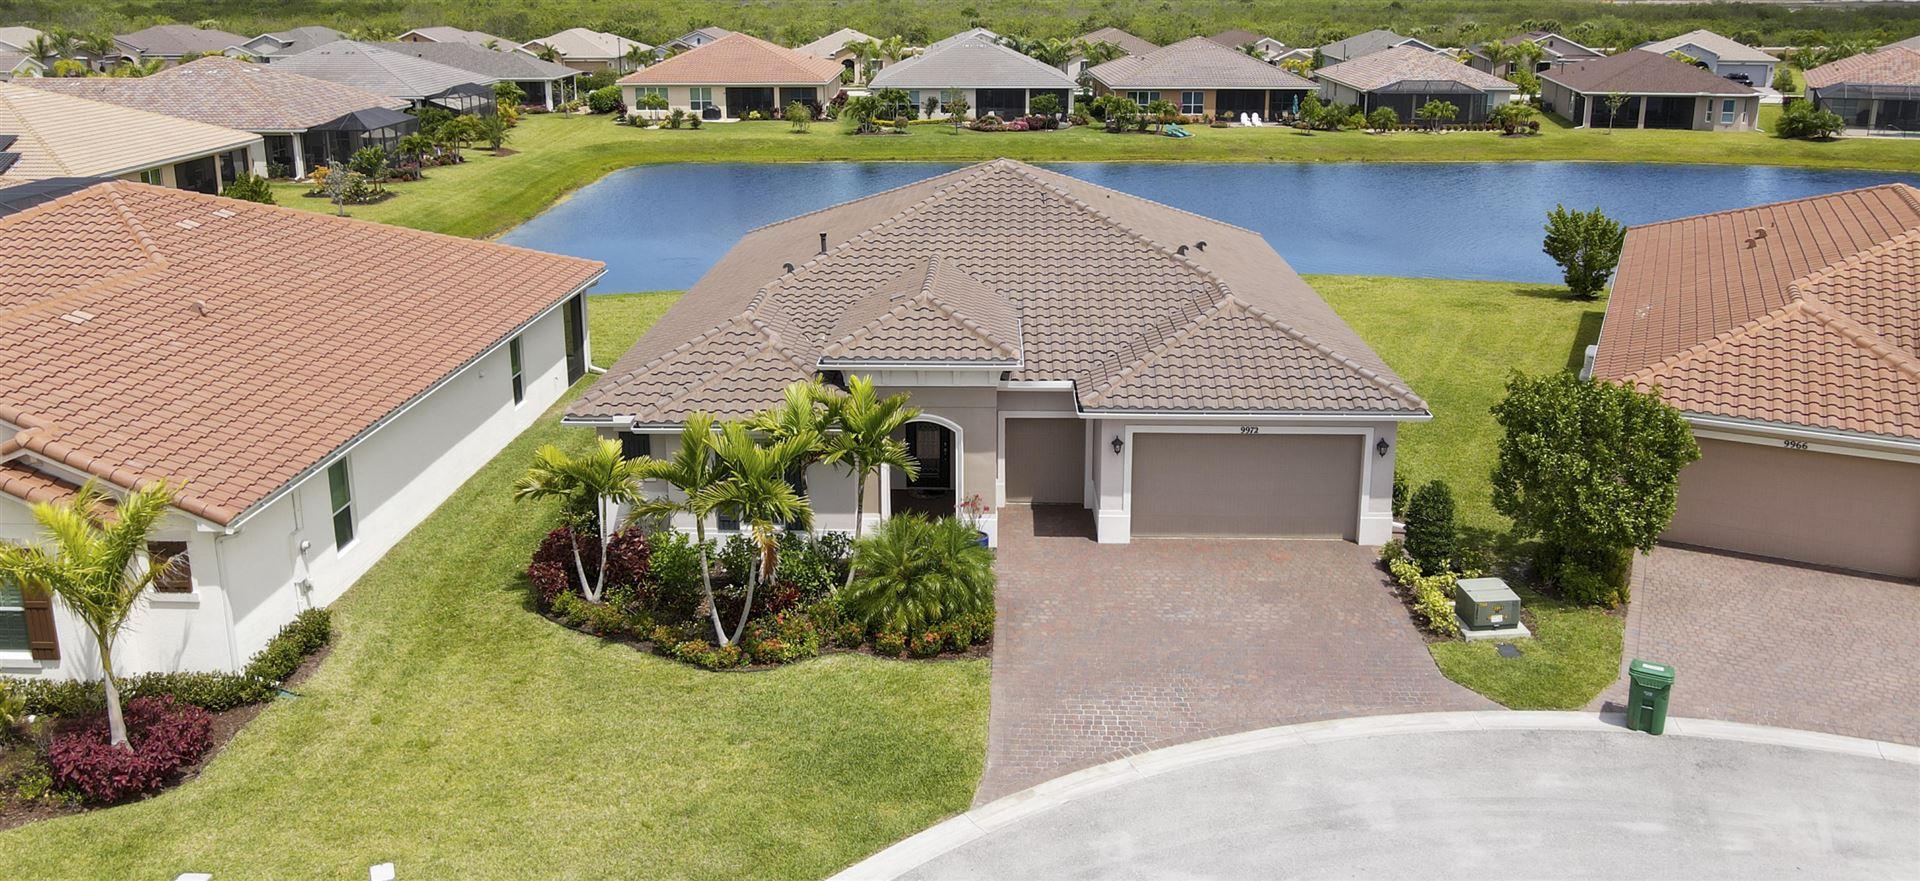 9972 SW Buttonwood Court, Port Saint Lucie, FL 34987 - MLS#: RX-10712850